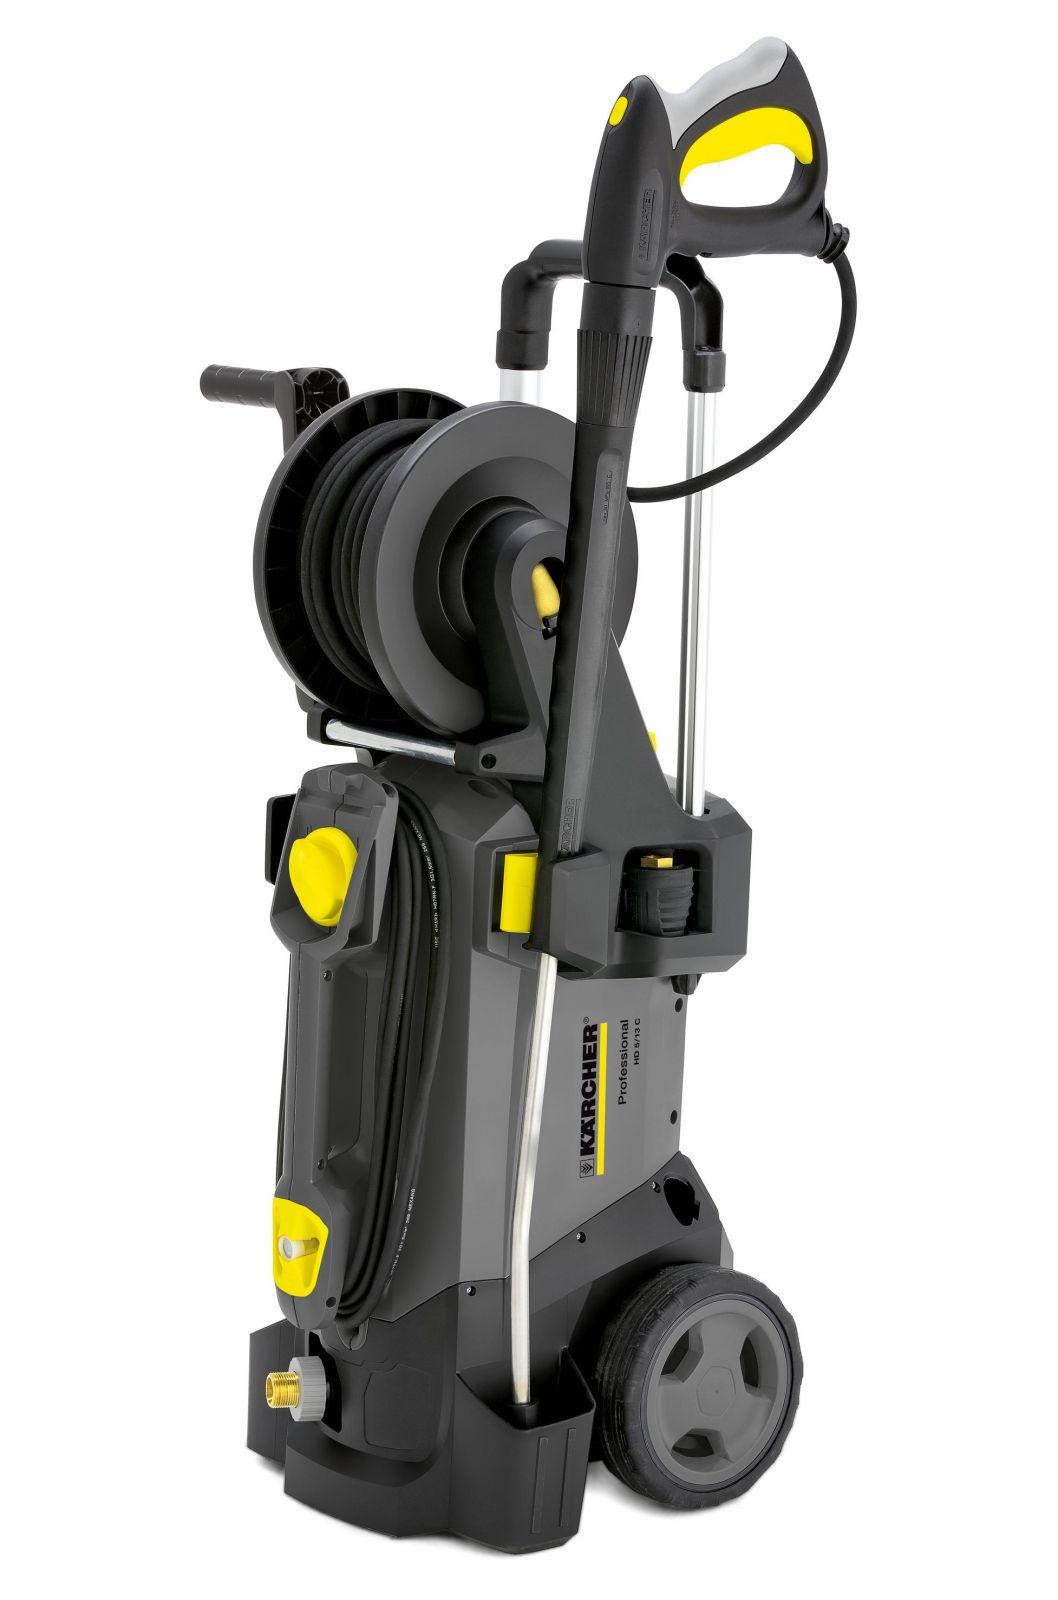 Vysokotlaká myčka (vysokotlaký čistič) Kärcher HD 5/15 CX Plus PŮJČOVNA